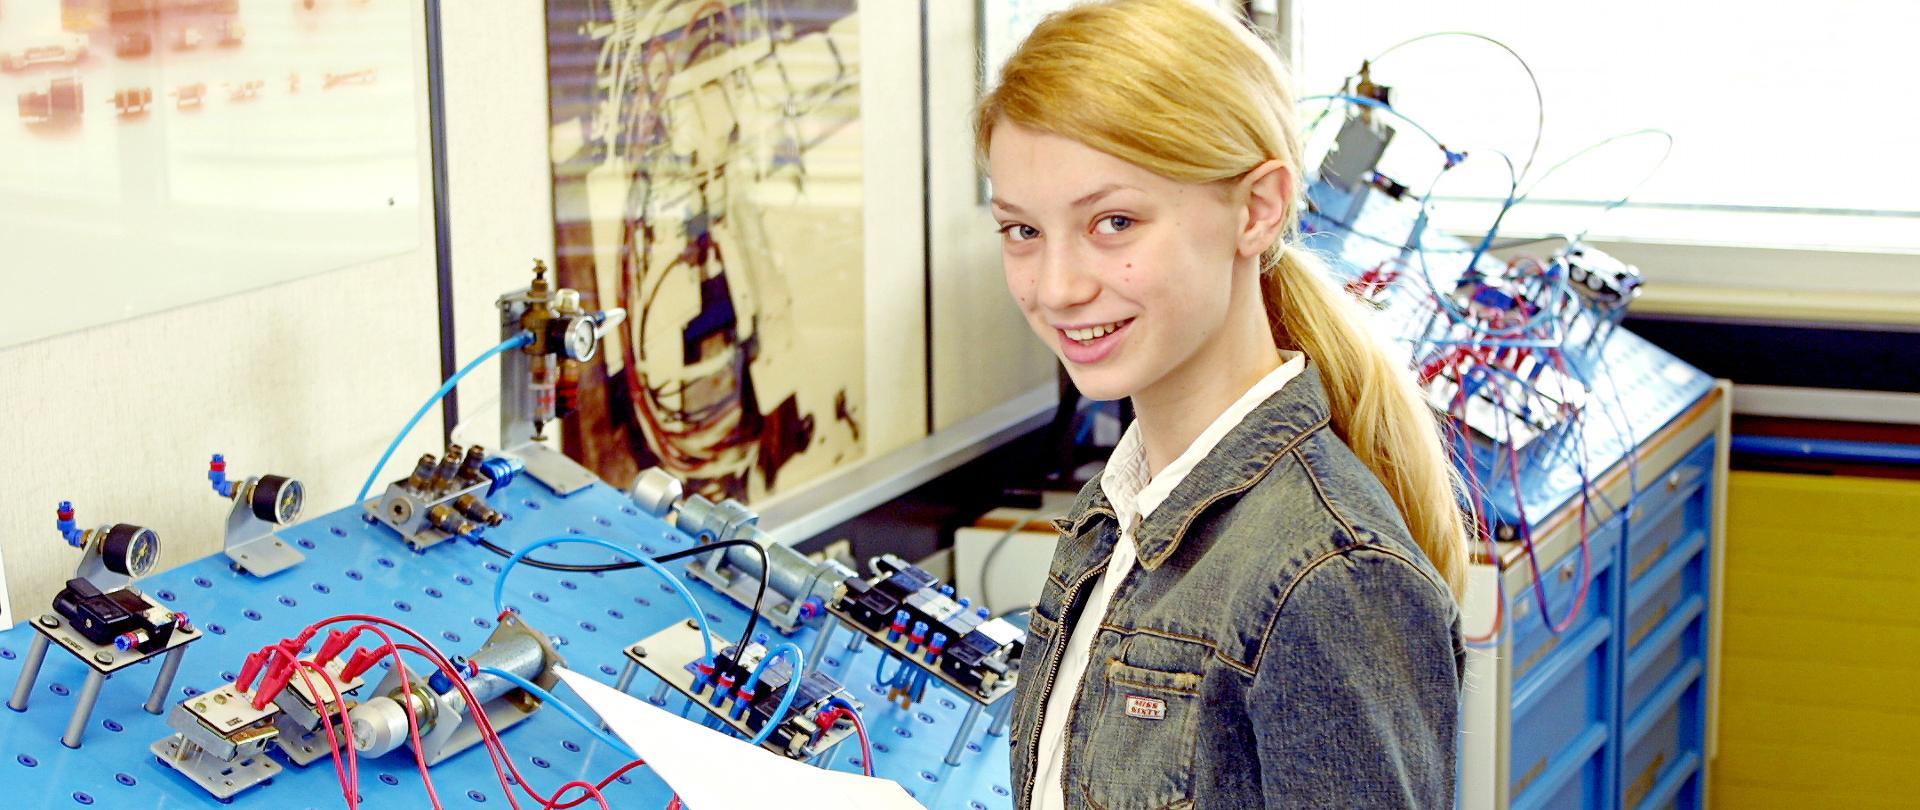 Młoda dziewczyna łączy obwód elektryczny na płycie prototypowej.